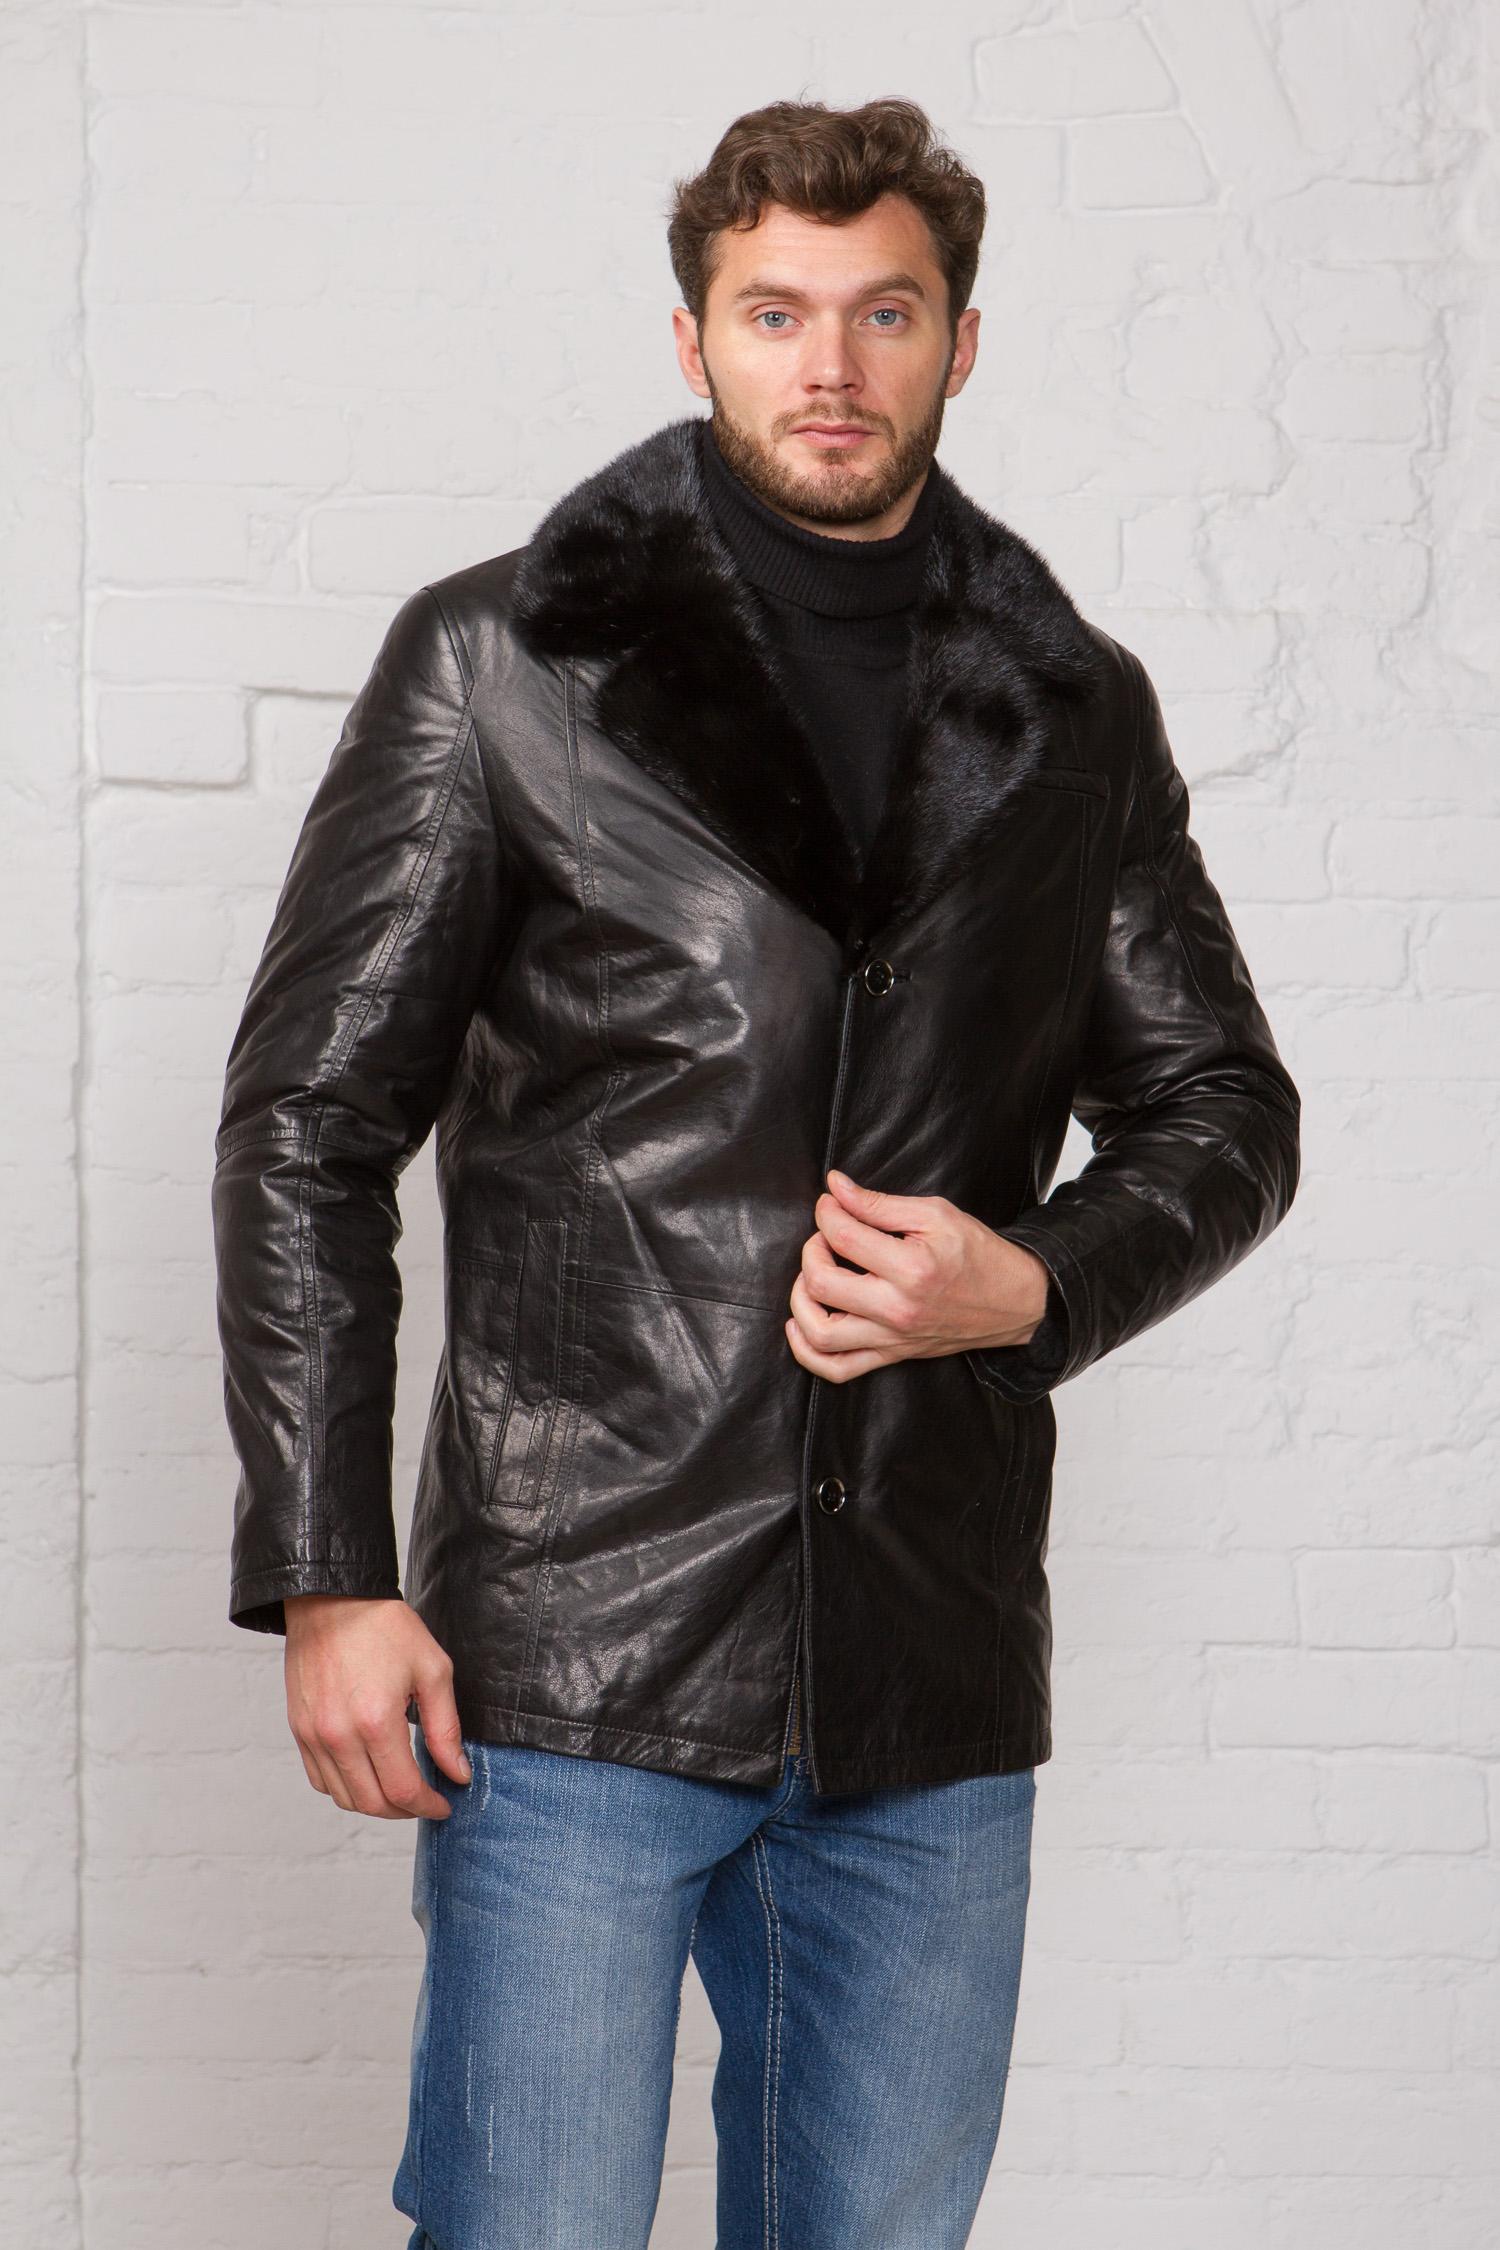 Мужская кожаная куртка из натуральной кожи на меху с воротником, отделка норка